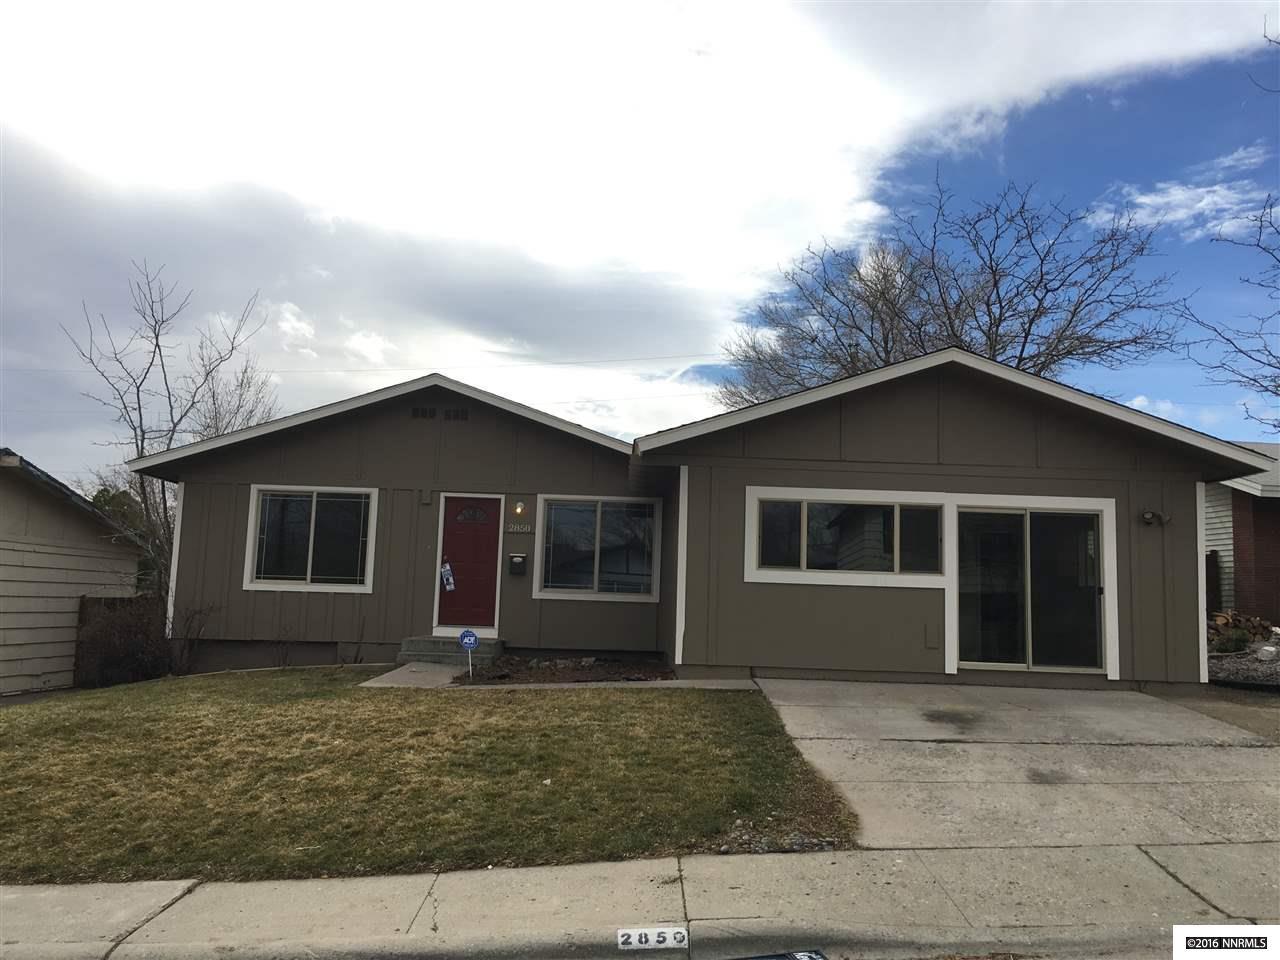 2850 Van Buren Dr, Reno, NV